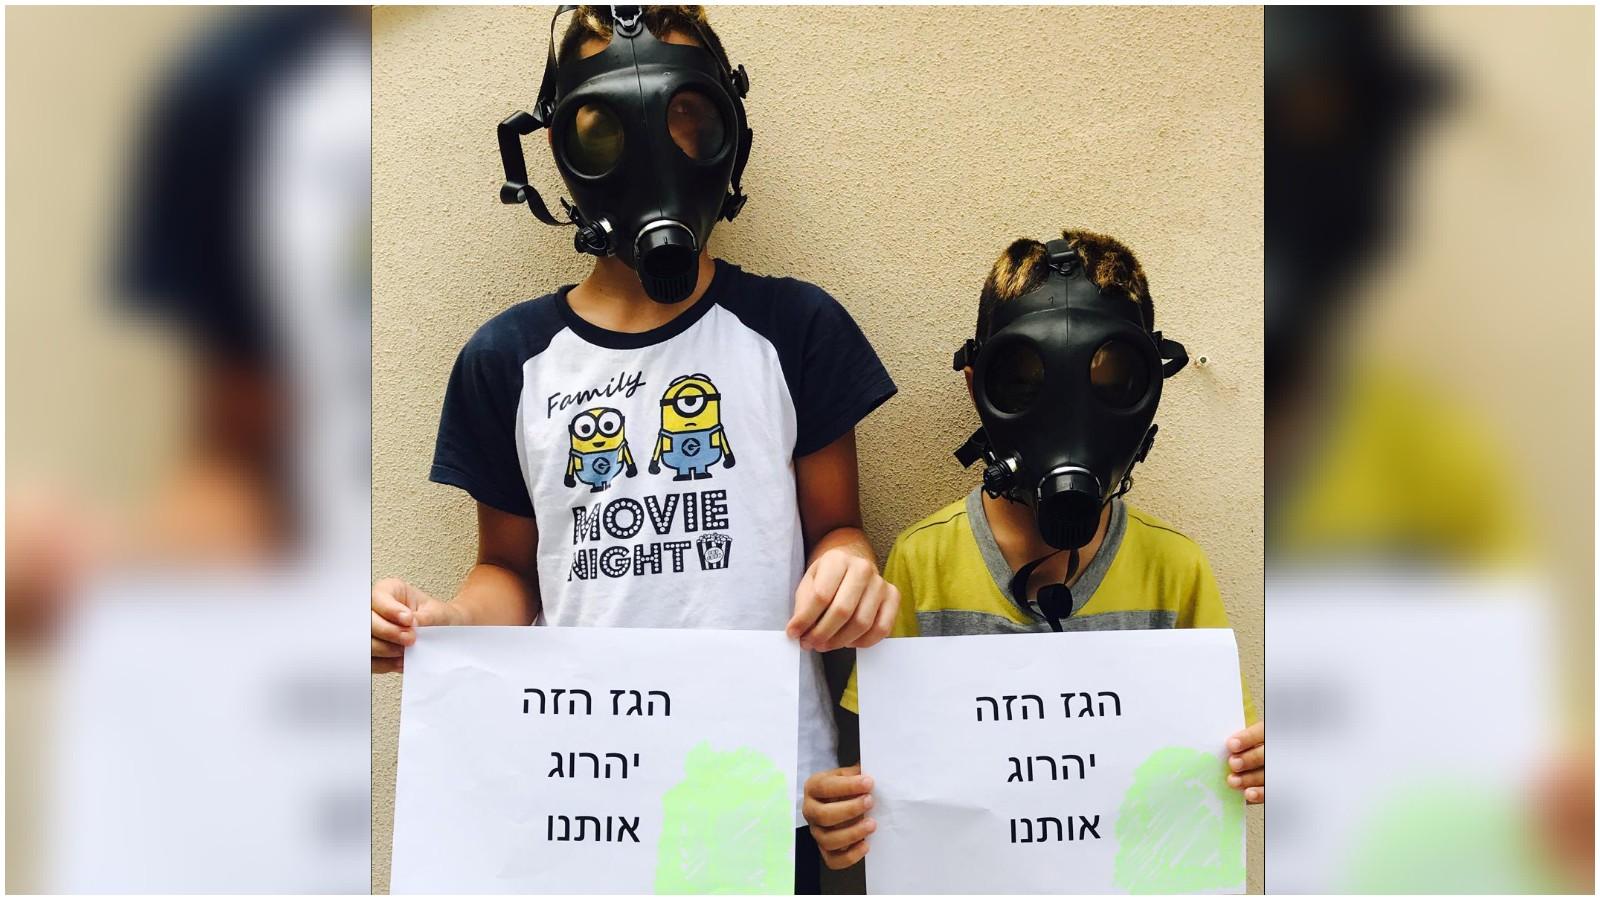 ילדים שהצטלמו לקמפיין נגד הקמת תחנת הכוח. צילום באדיבות מטה המאבק